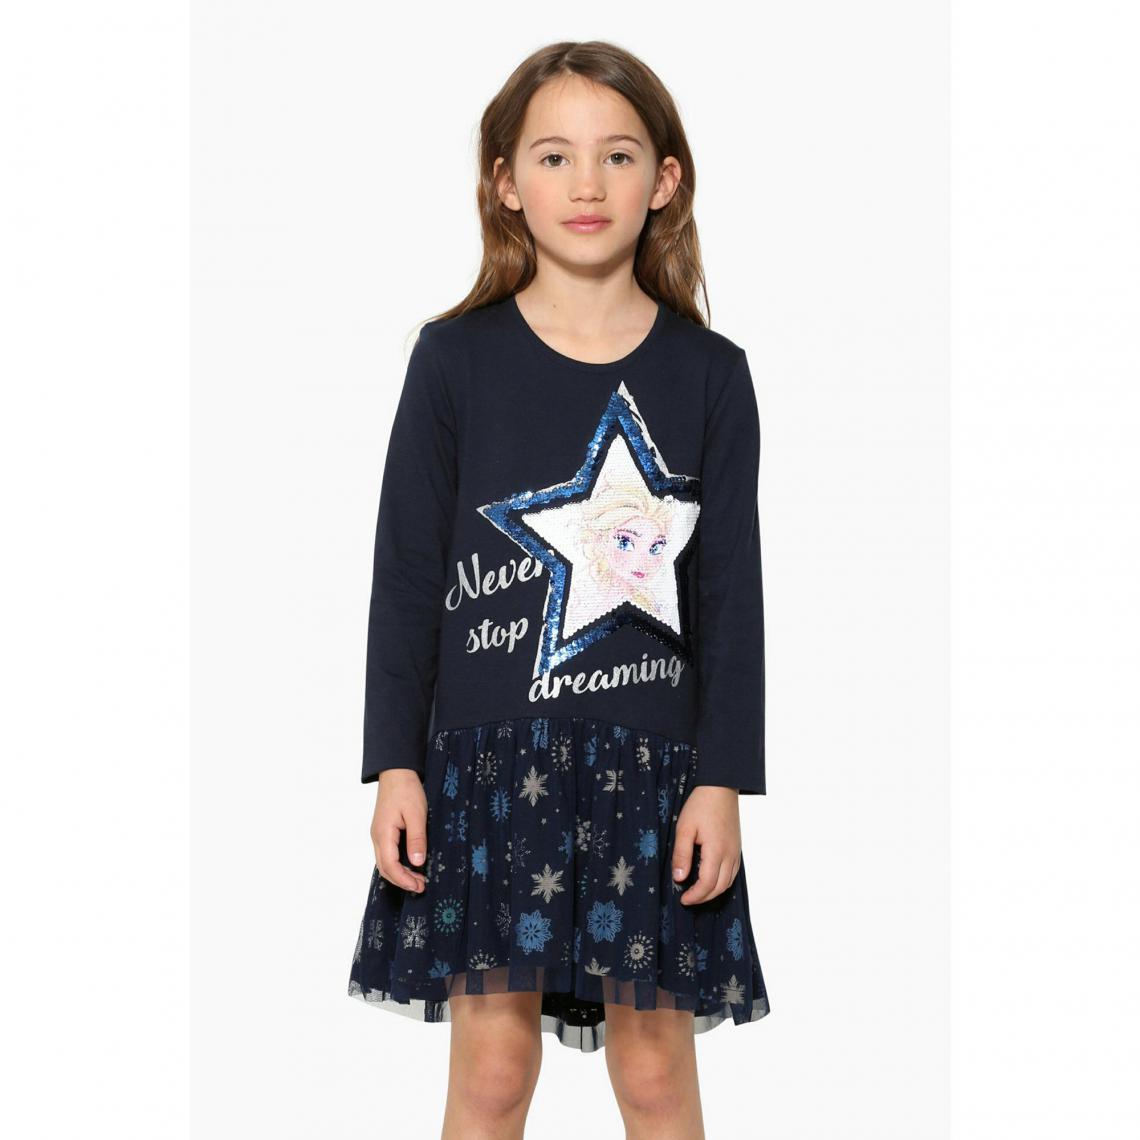 56c8ca8024945 Robe courte manches longues fille Desigual - Bleu Desigual Enfant